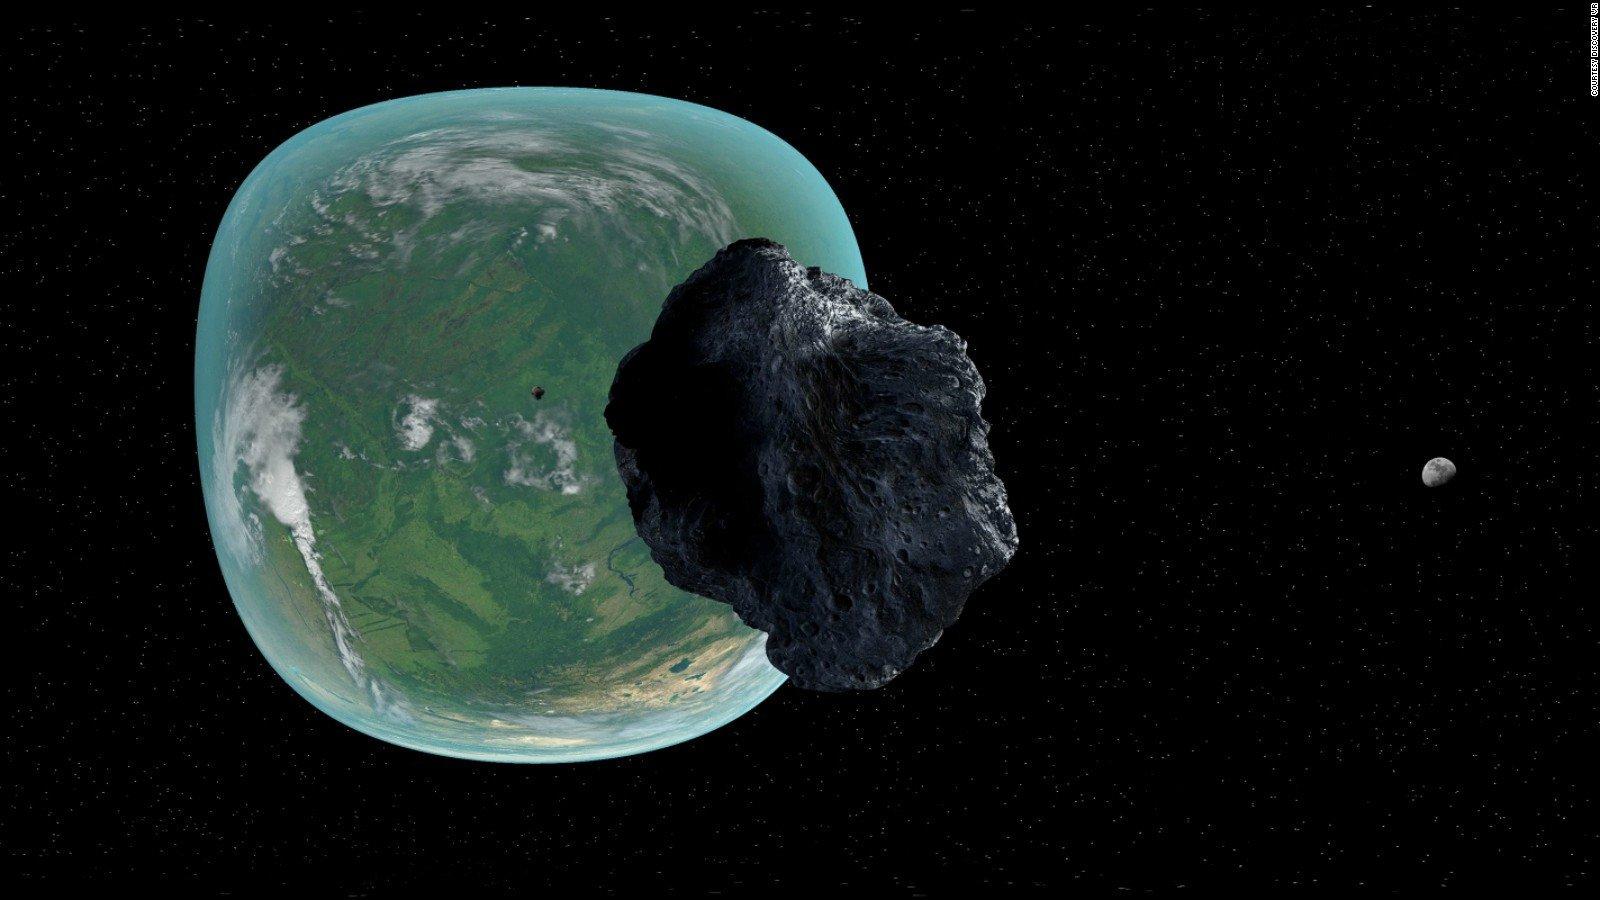 El paso de un asteroide cerca de la Tierra: ¿hay peligro?  https://t.co/JDhjDC24qE https://t.co/SnV1DWQMmg